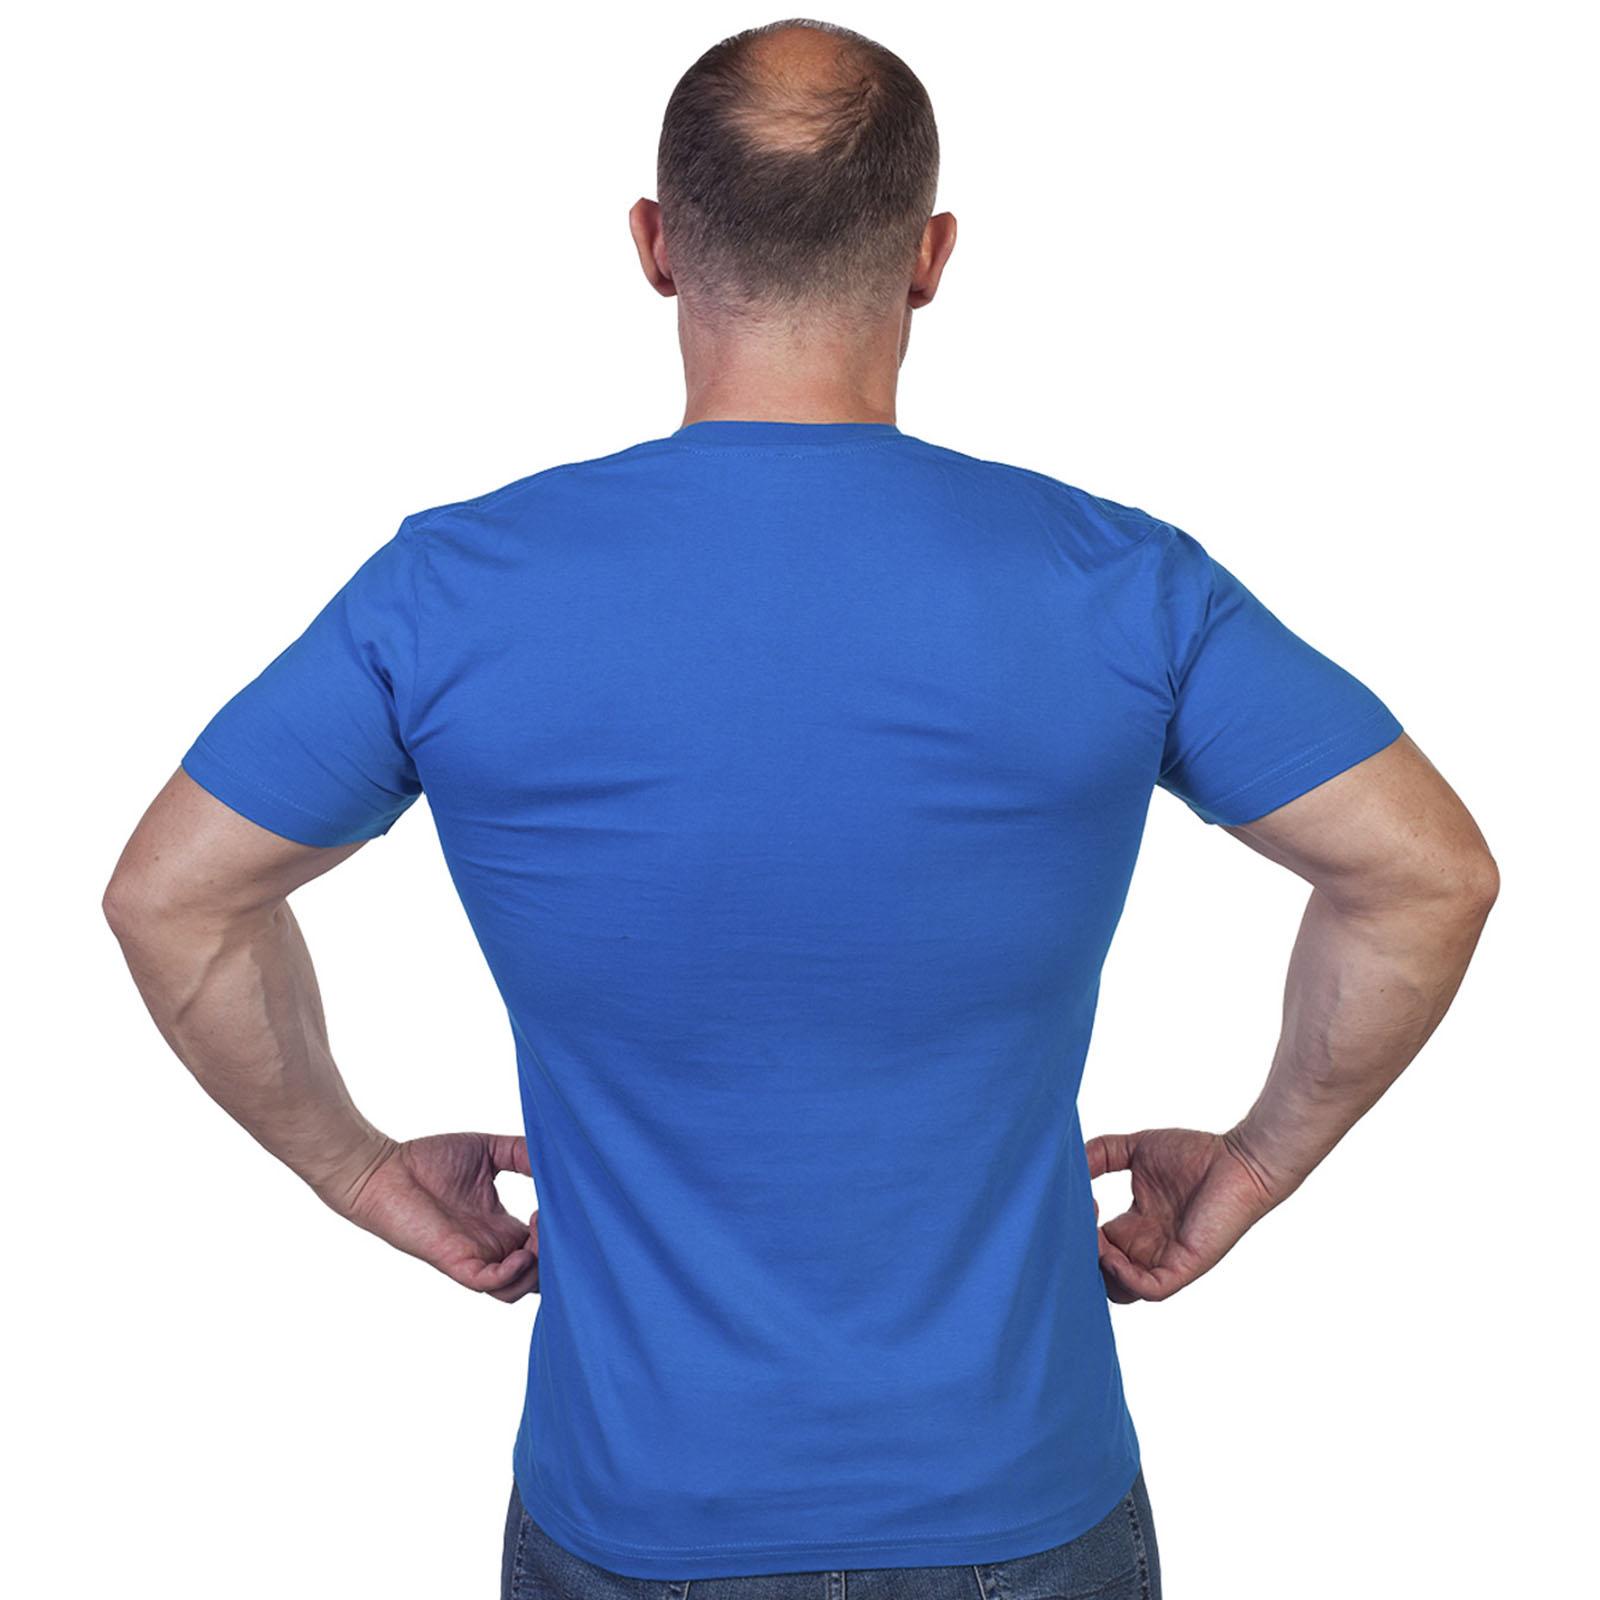 Однотонная футболка василькового цвета - купить выгодно